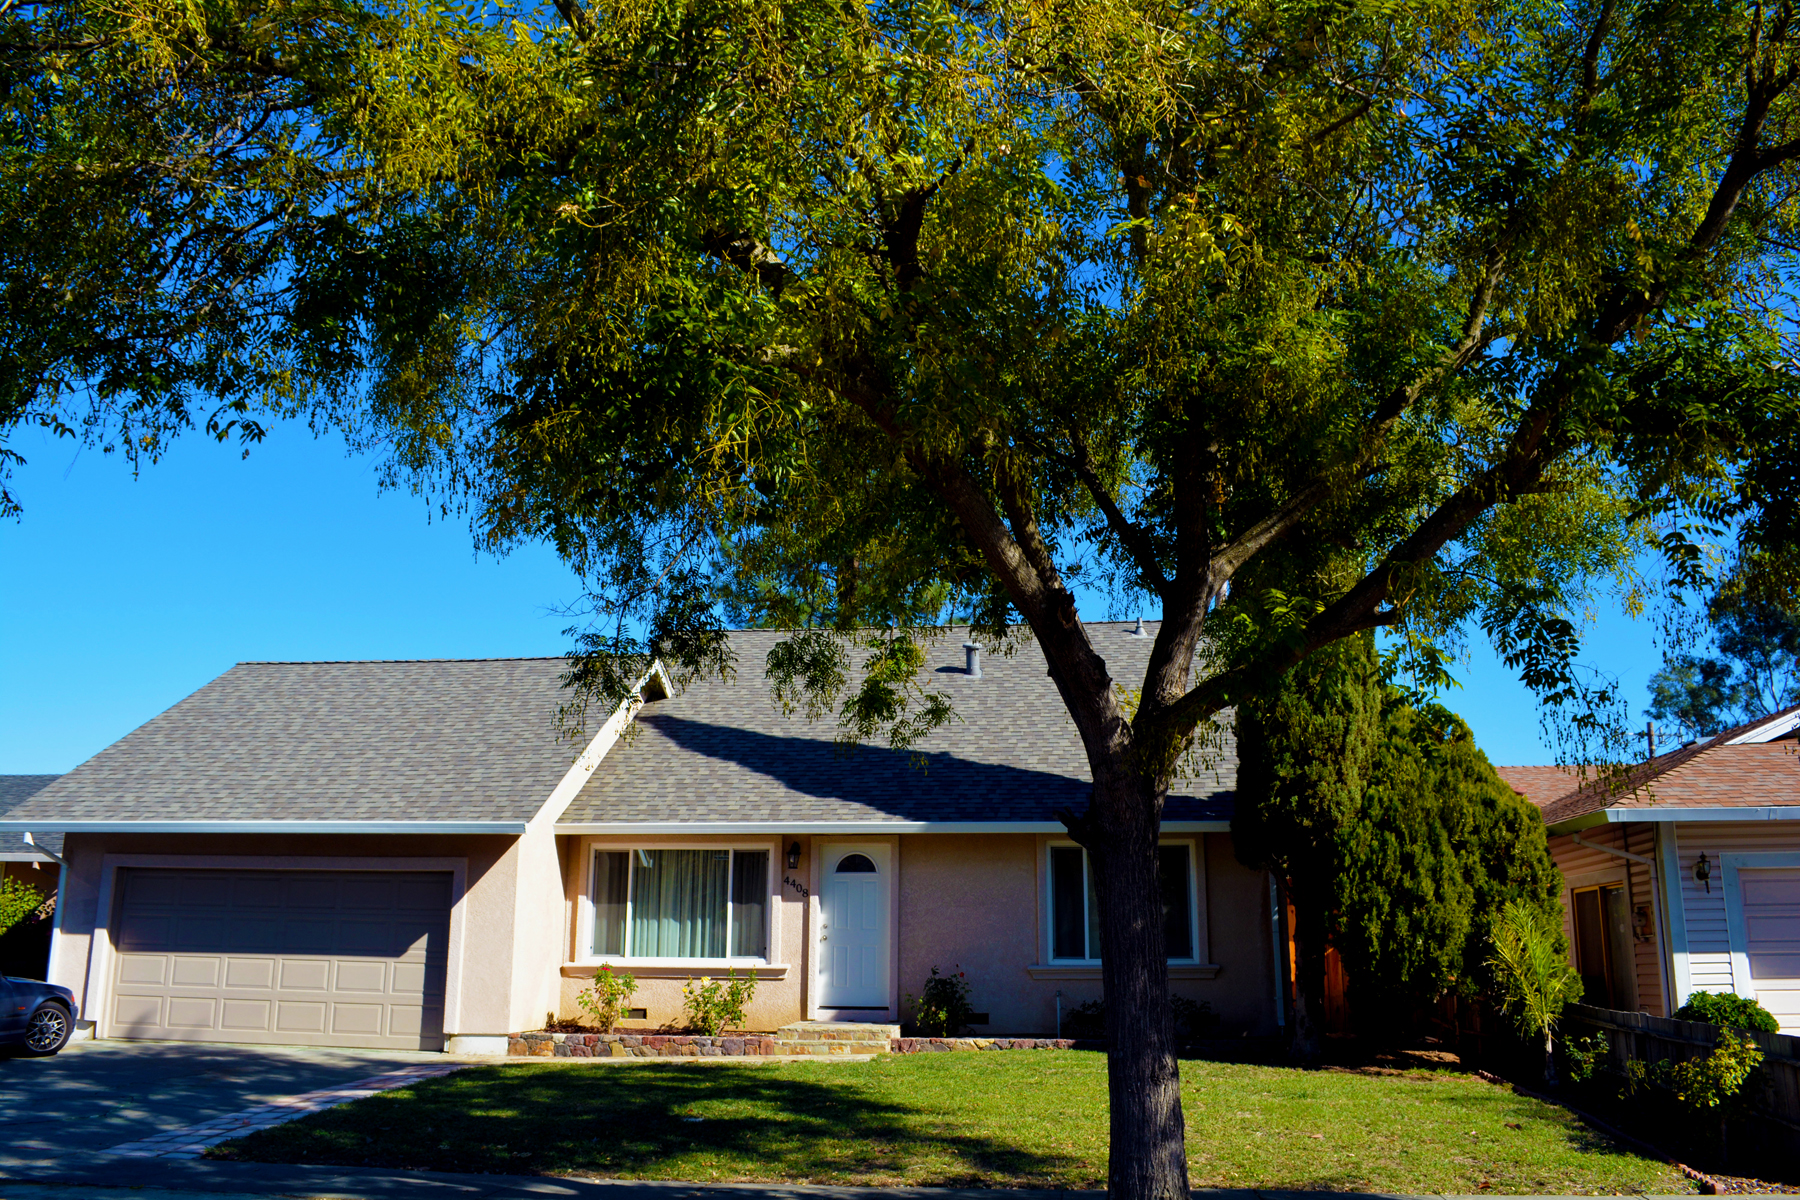 Tek Ailelik Ev için Satış at 4408 Summerfield Dr, Napa, CA 94558 4408 Summerfield Dr Napa, Kaliforniya 94558 Amerika Birleşik Devletleri